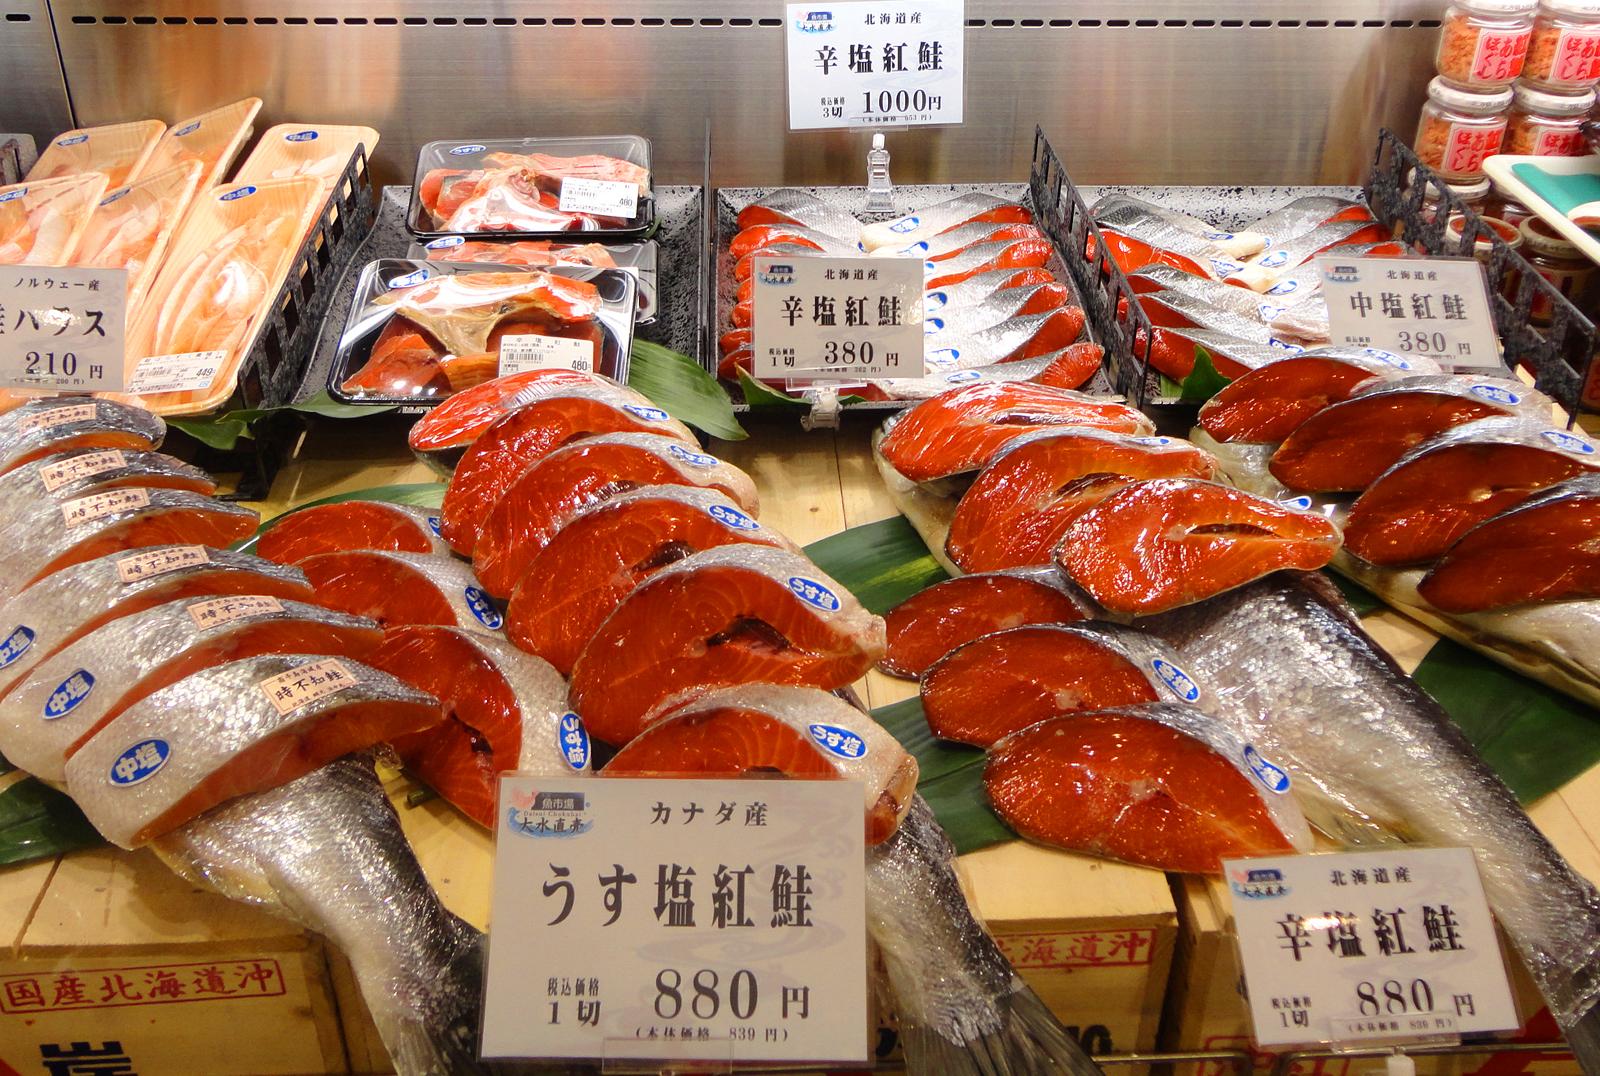 大丸松坂屋百貨店 名古屋店